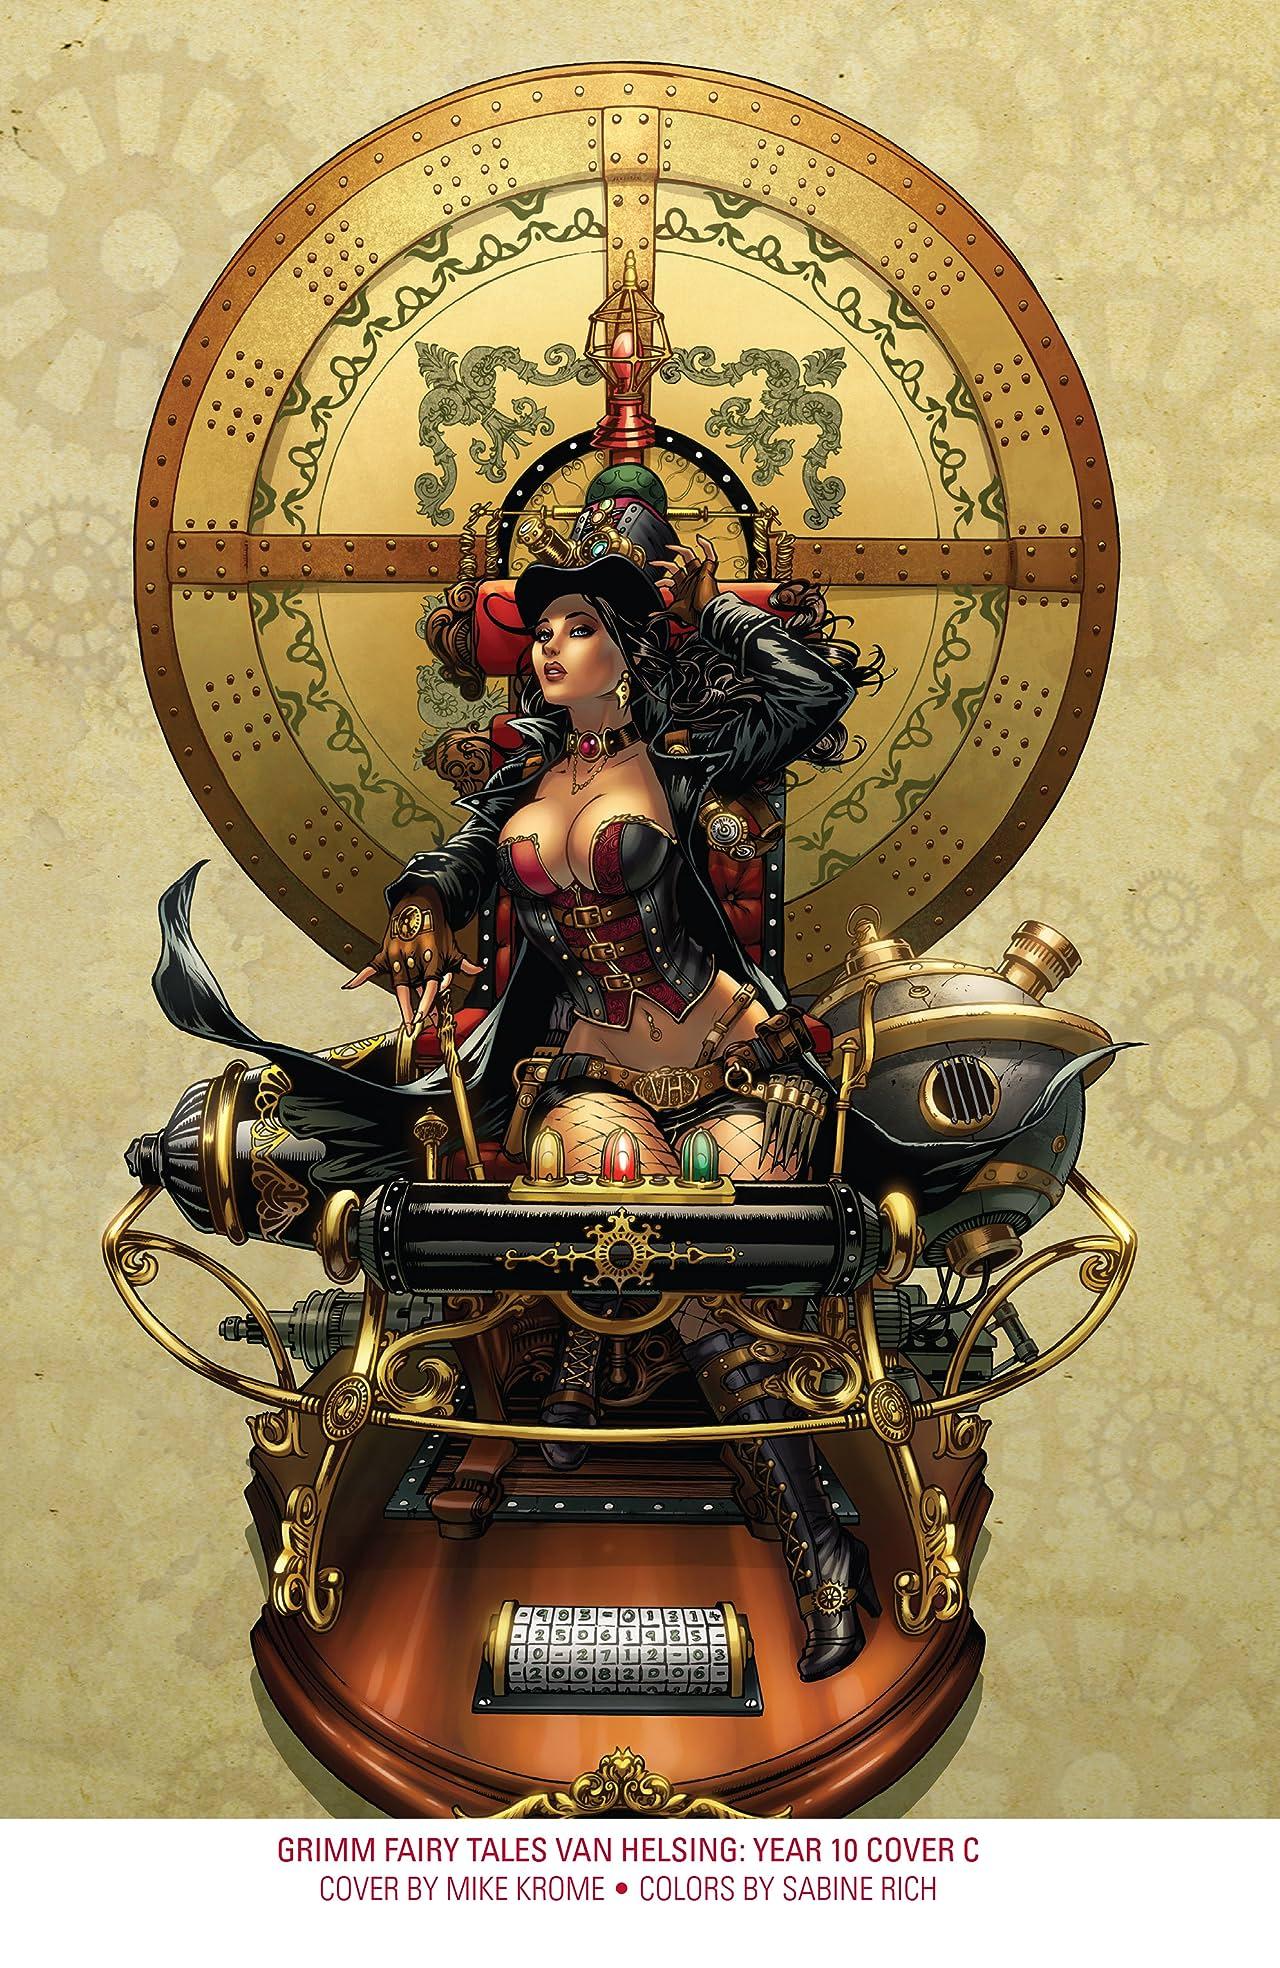 Van Helsing Cover Gallery